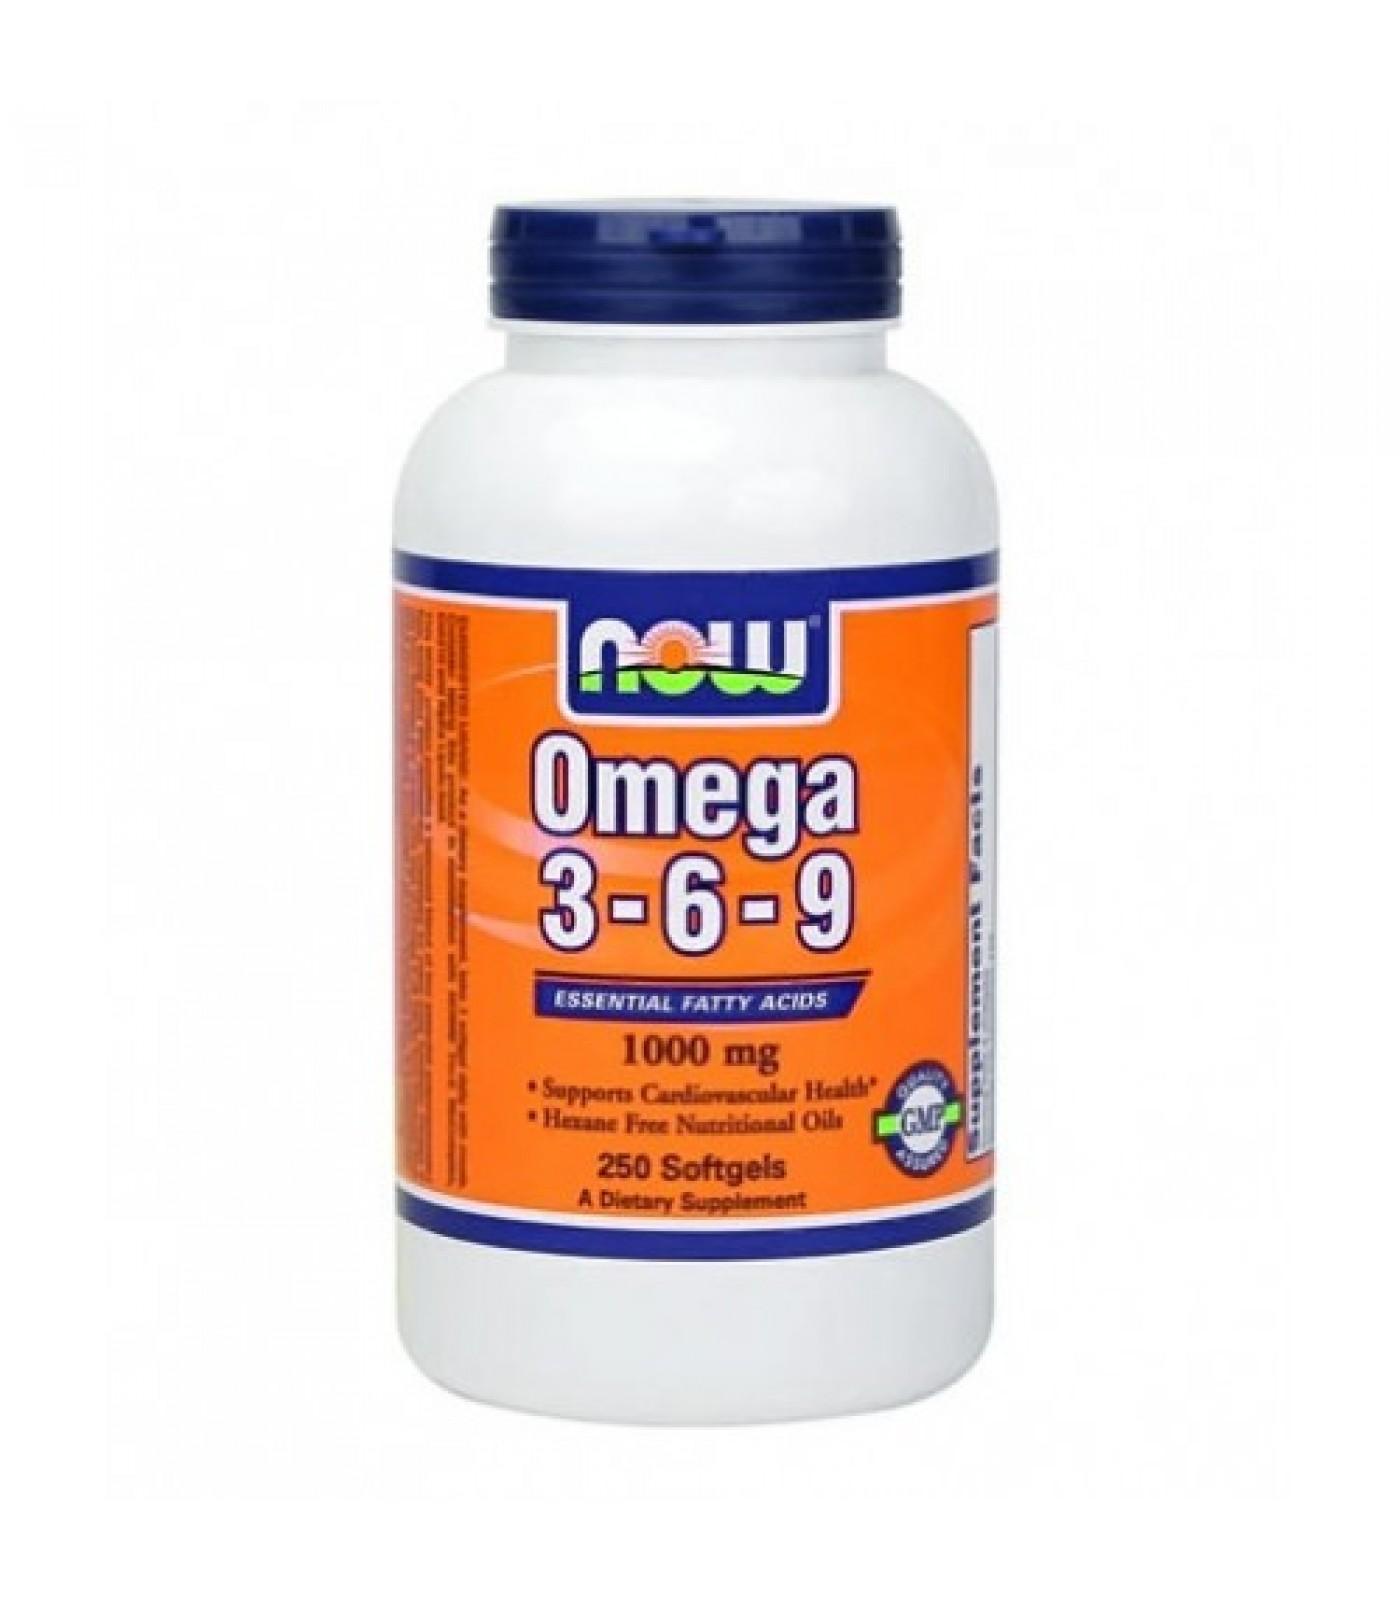 NOW - Omega 3-6-9 1000mg. / 250 Softgels